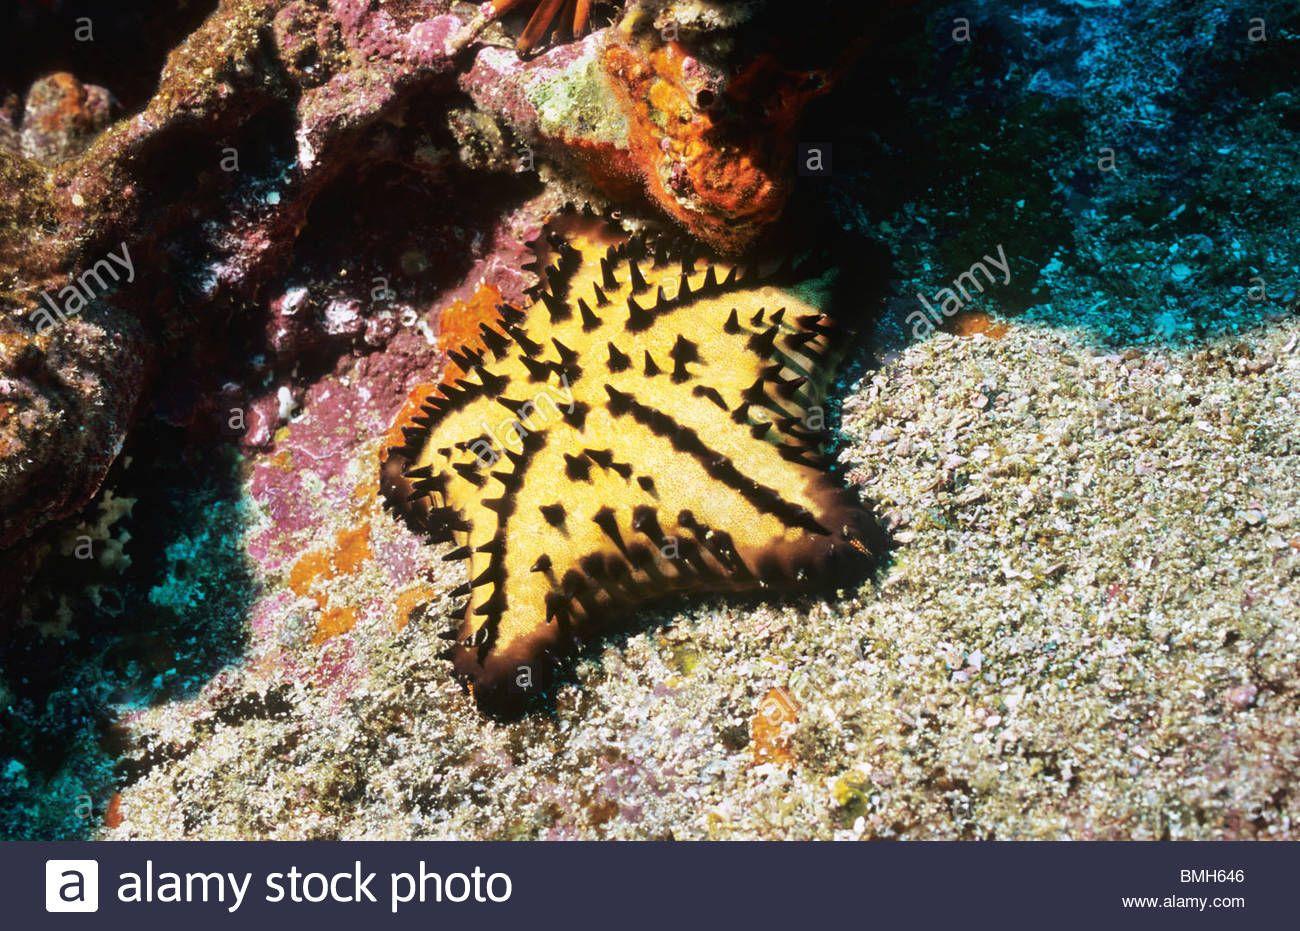 Chocolate Chip Sea Star Starfish Underwater In The Galapagos Galapagos Sea Star Underwater Photography